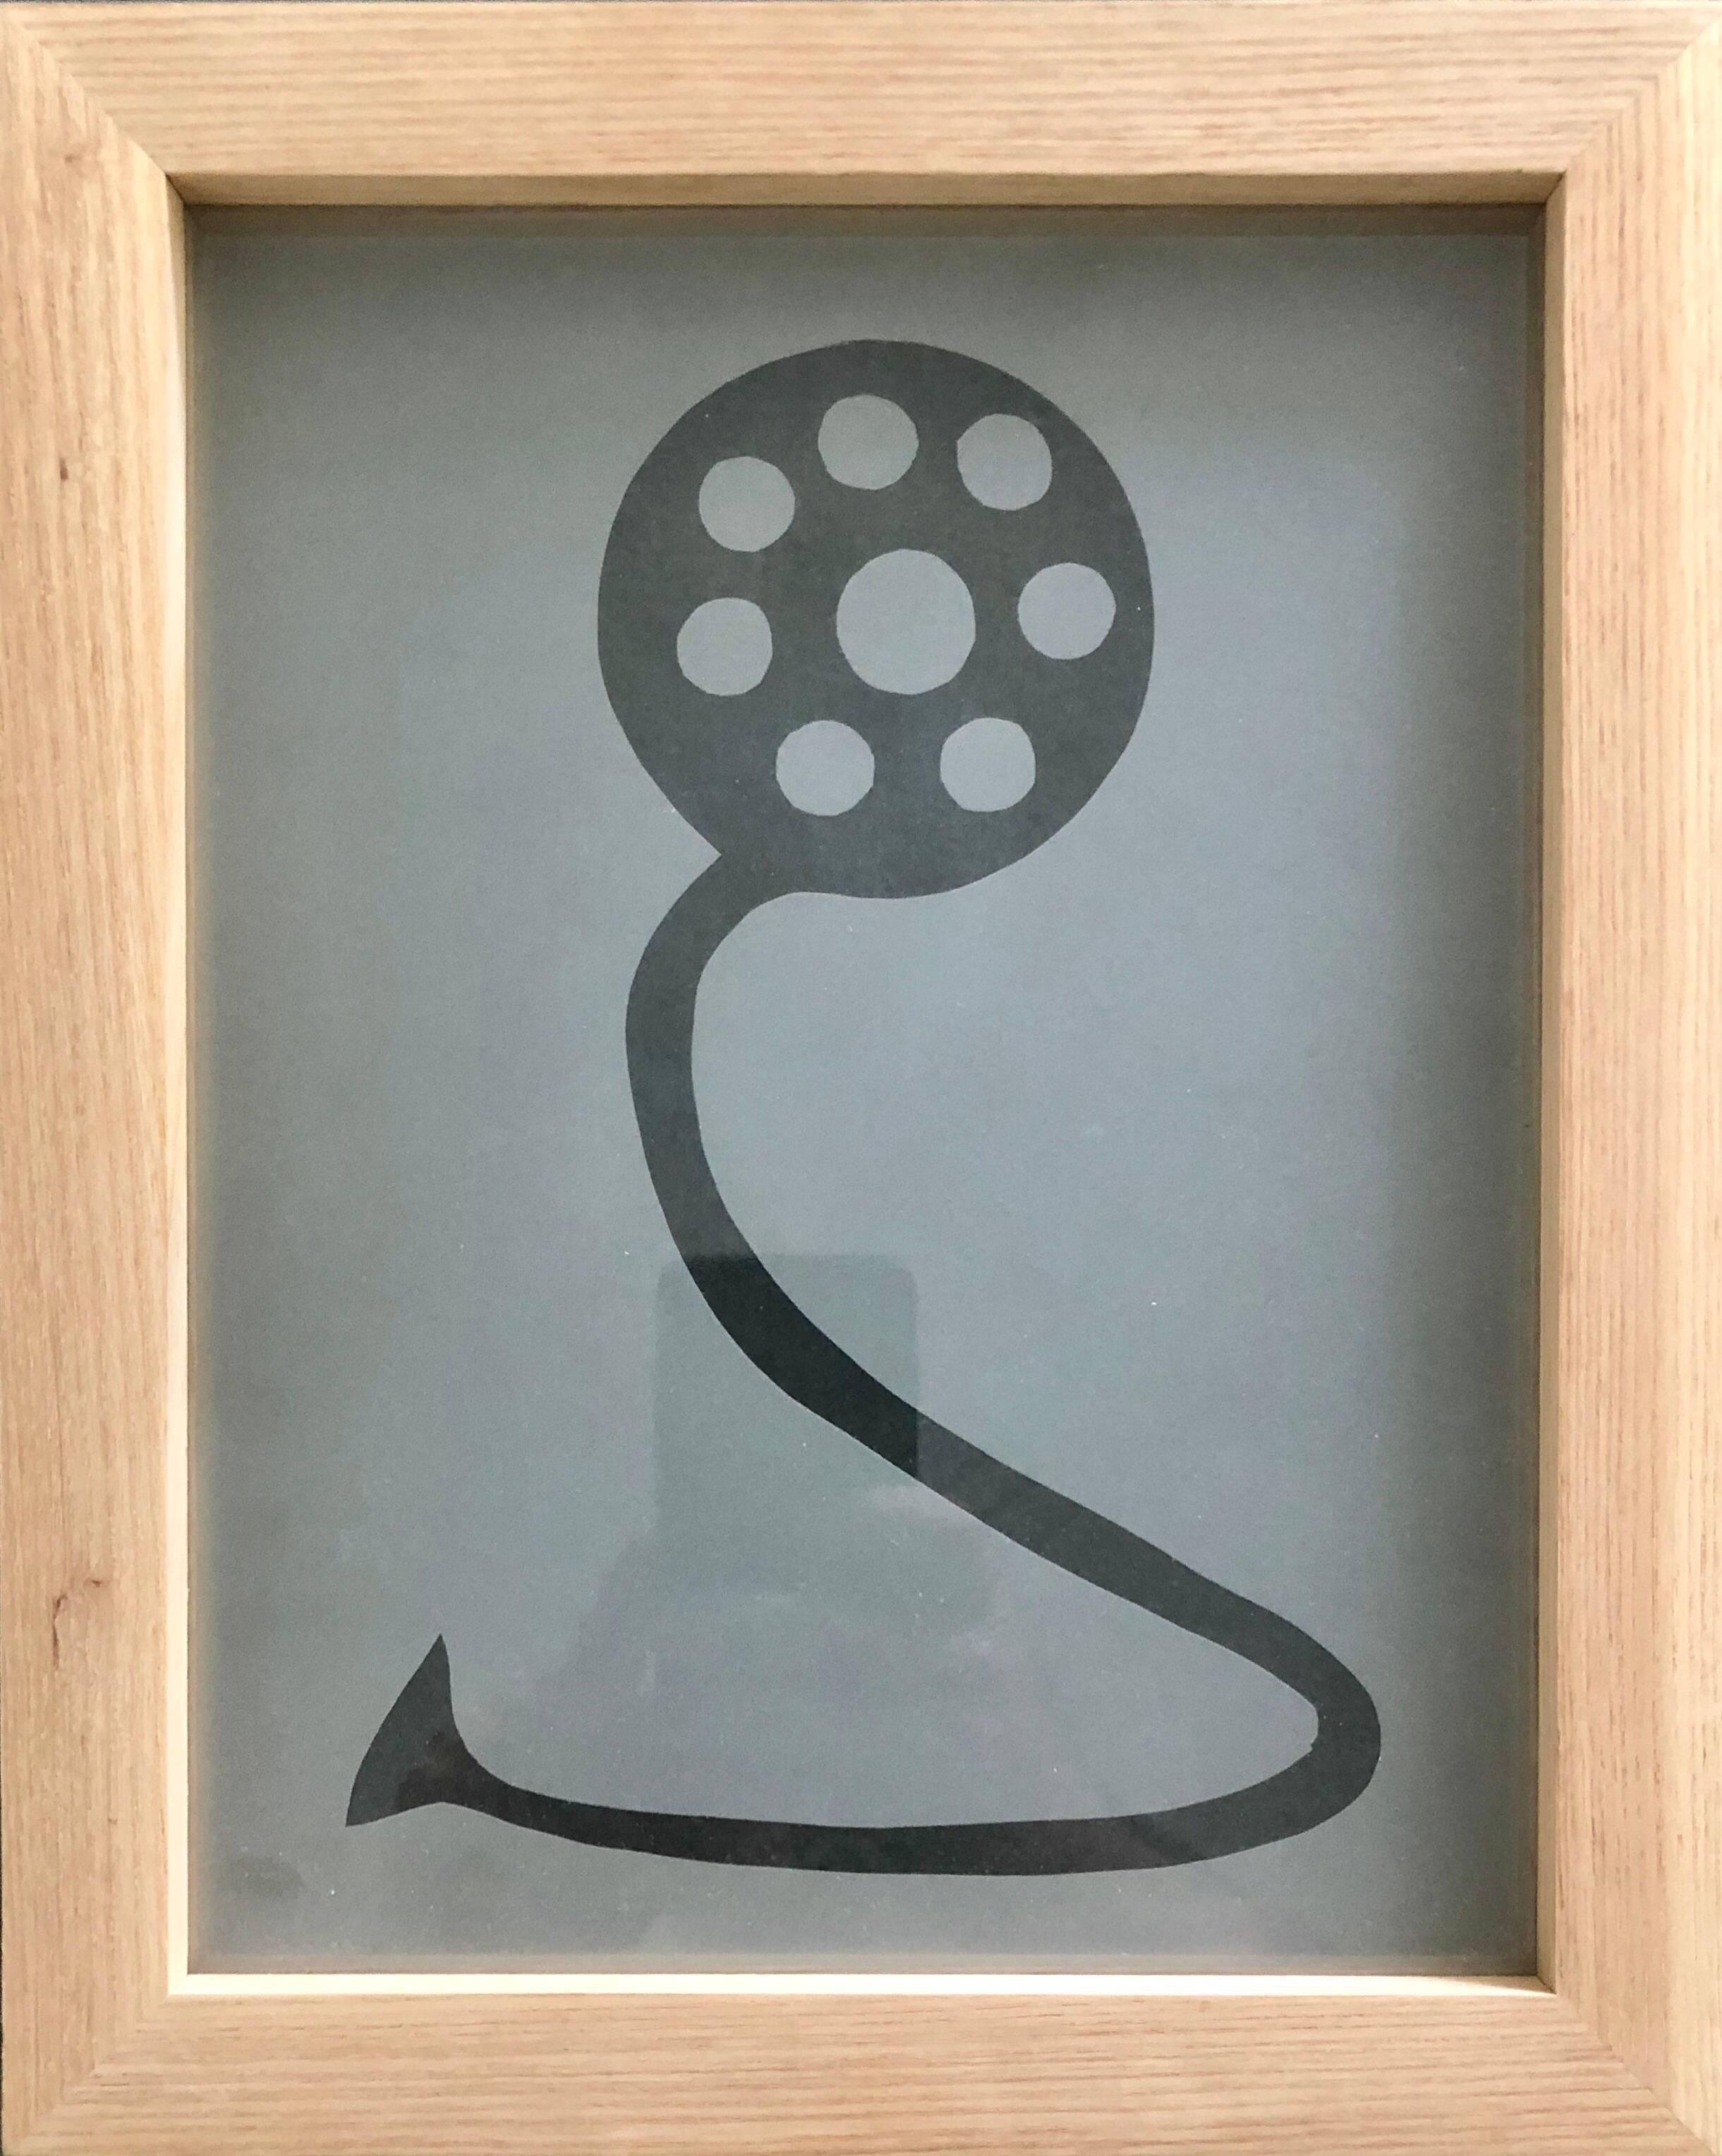 Acid etched Glass Wall Sculpture Artwork Framed ed. 25 Signed